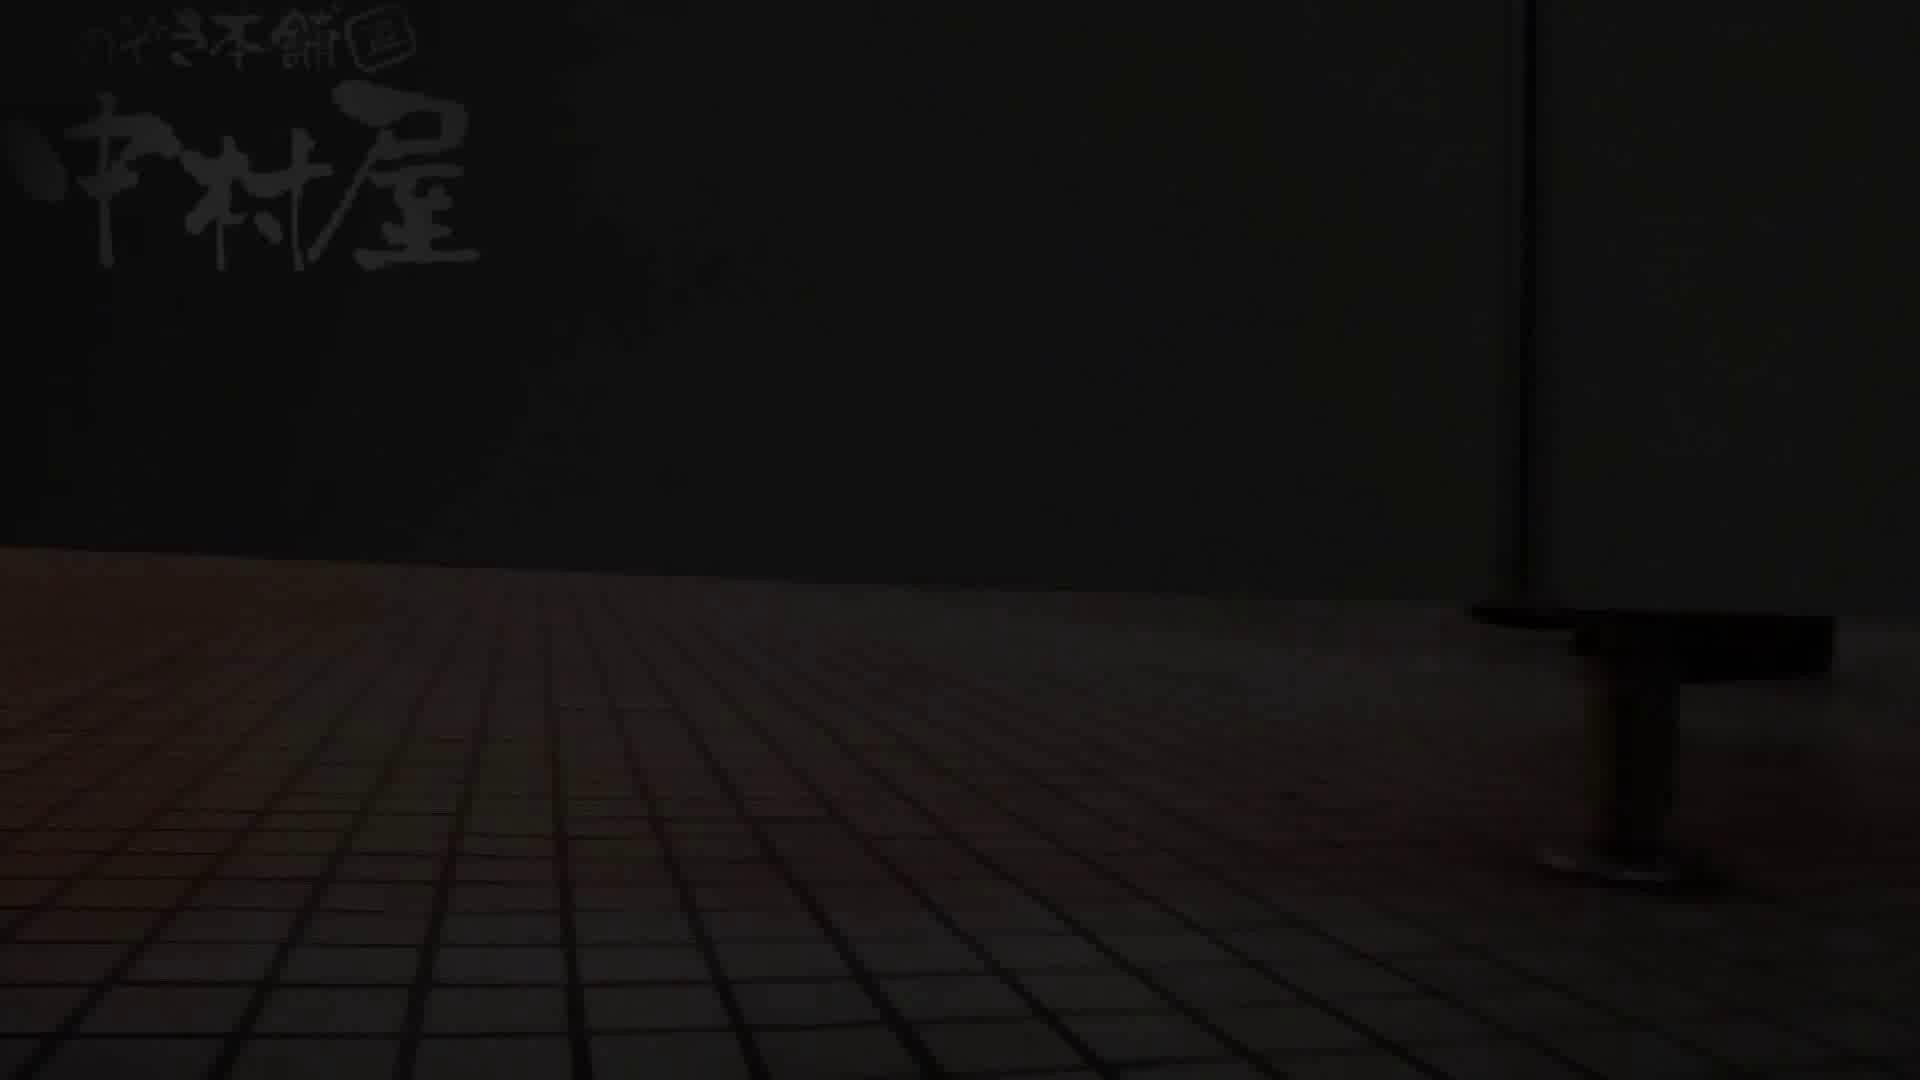 マンコ丸見え!第三体育館潜入撮File001 体育館 盗み撮り動画キャプチャ 104連発 25